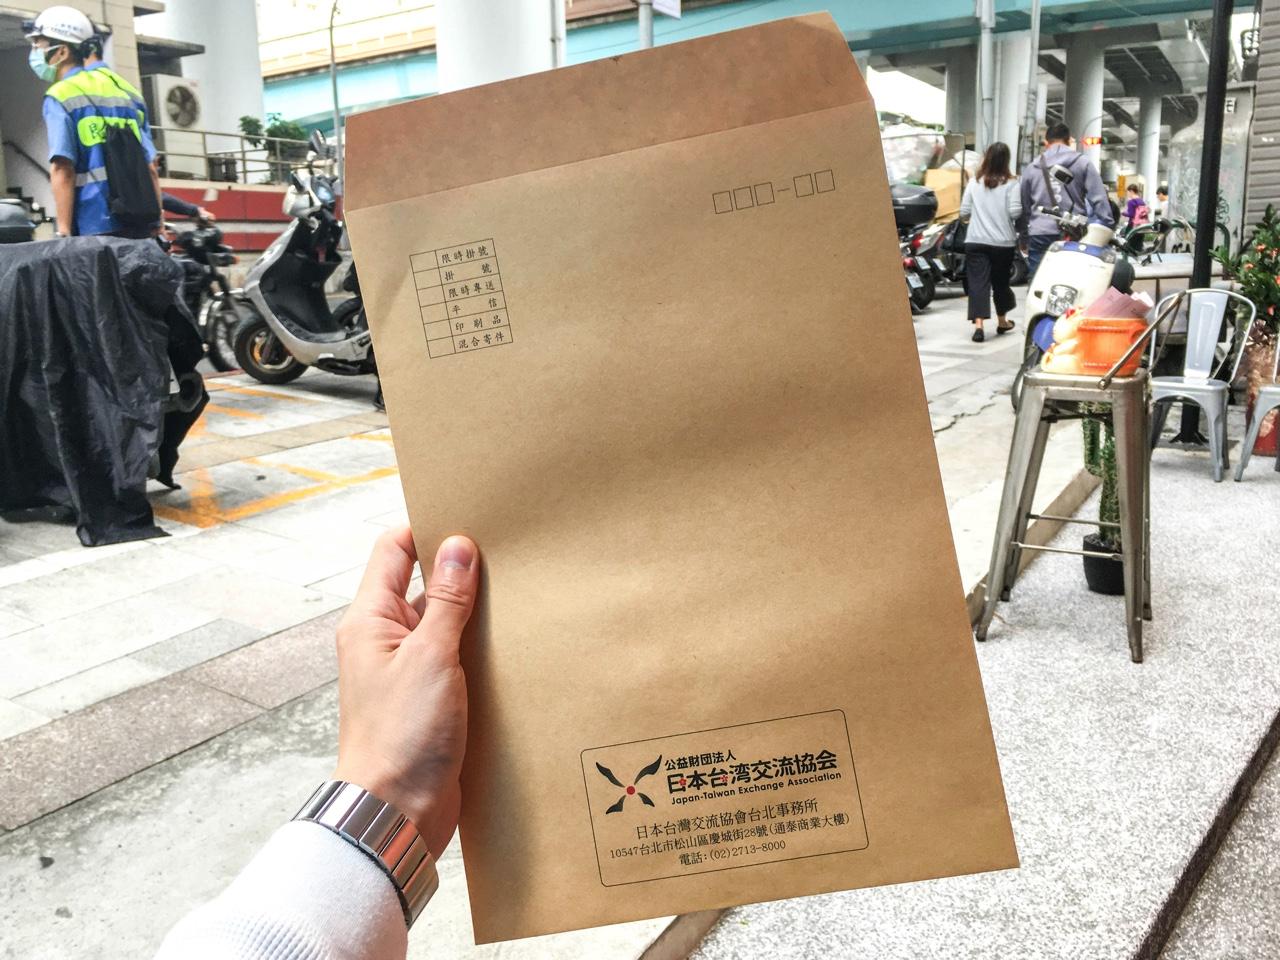 日本台湾交流協会の茶封筒